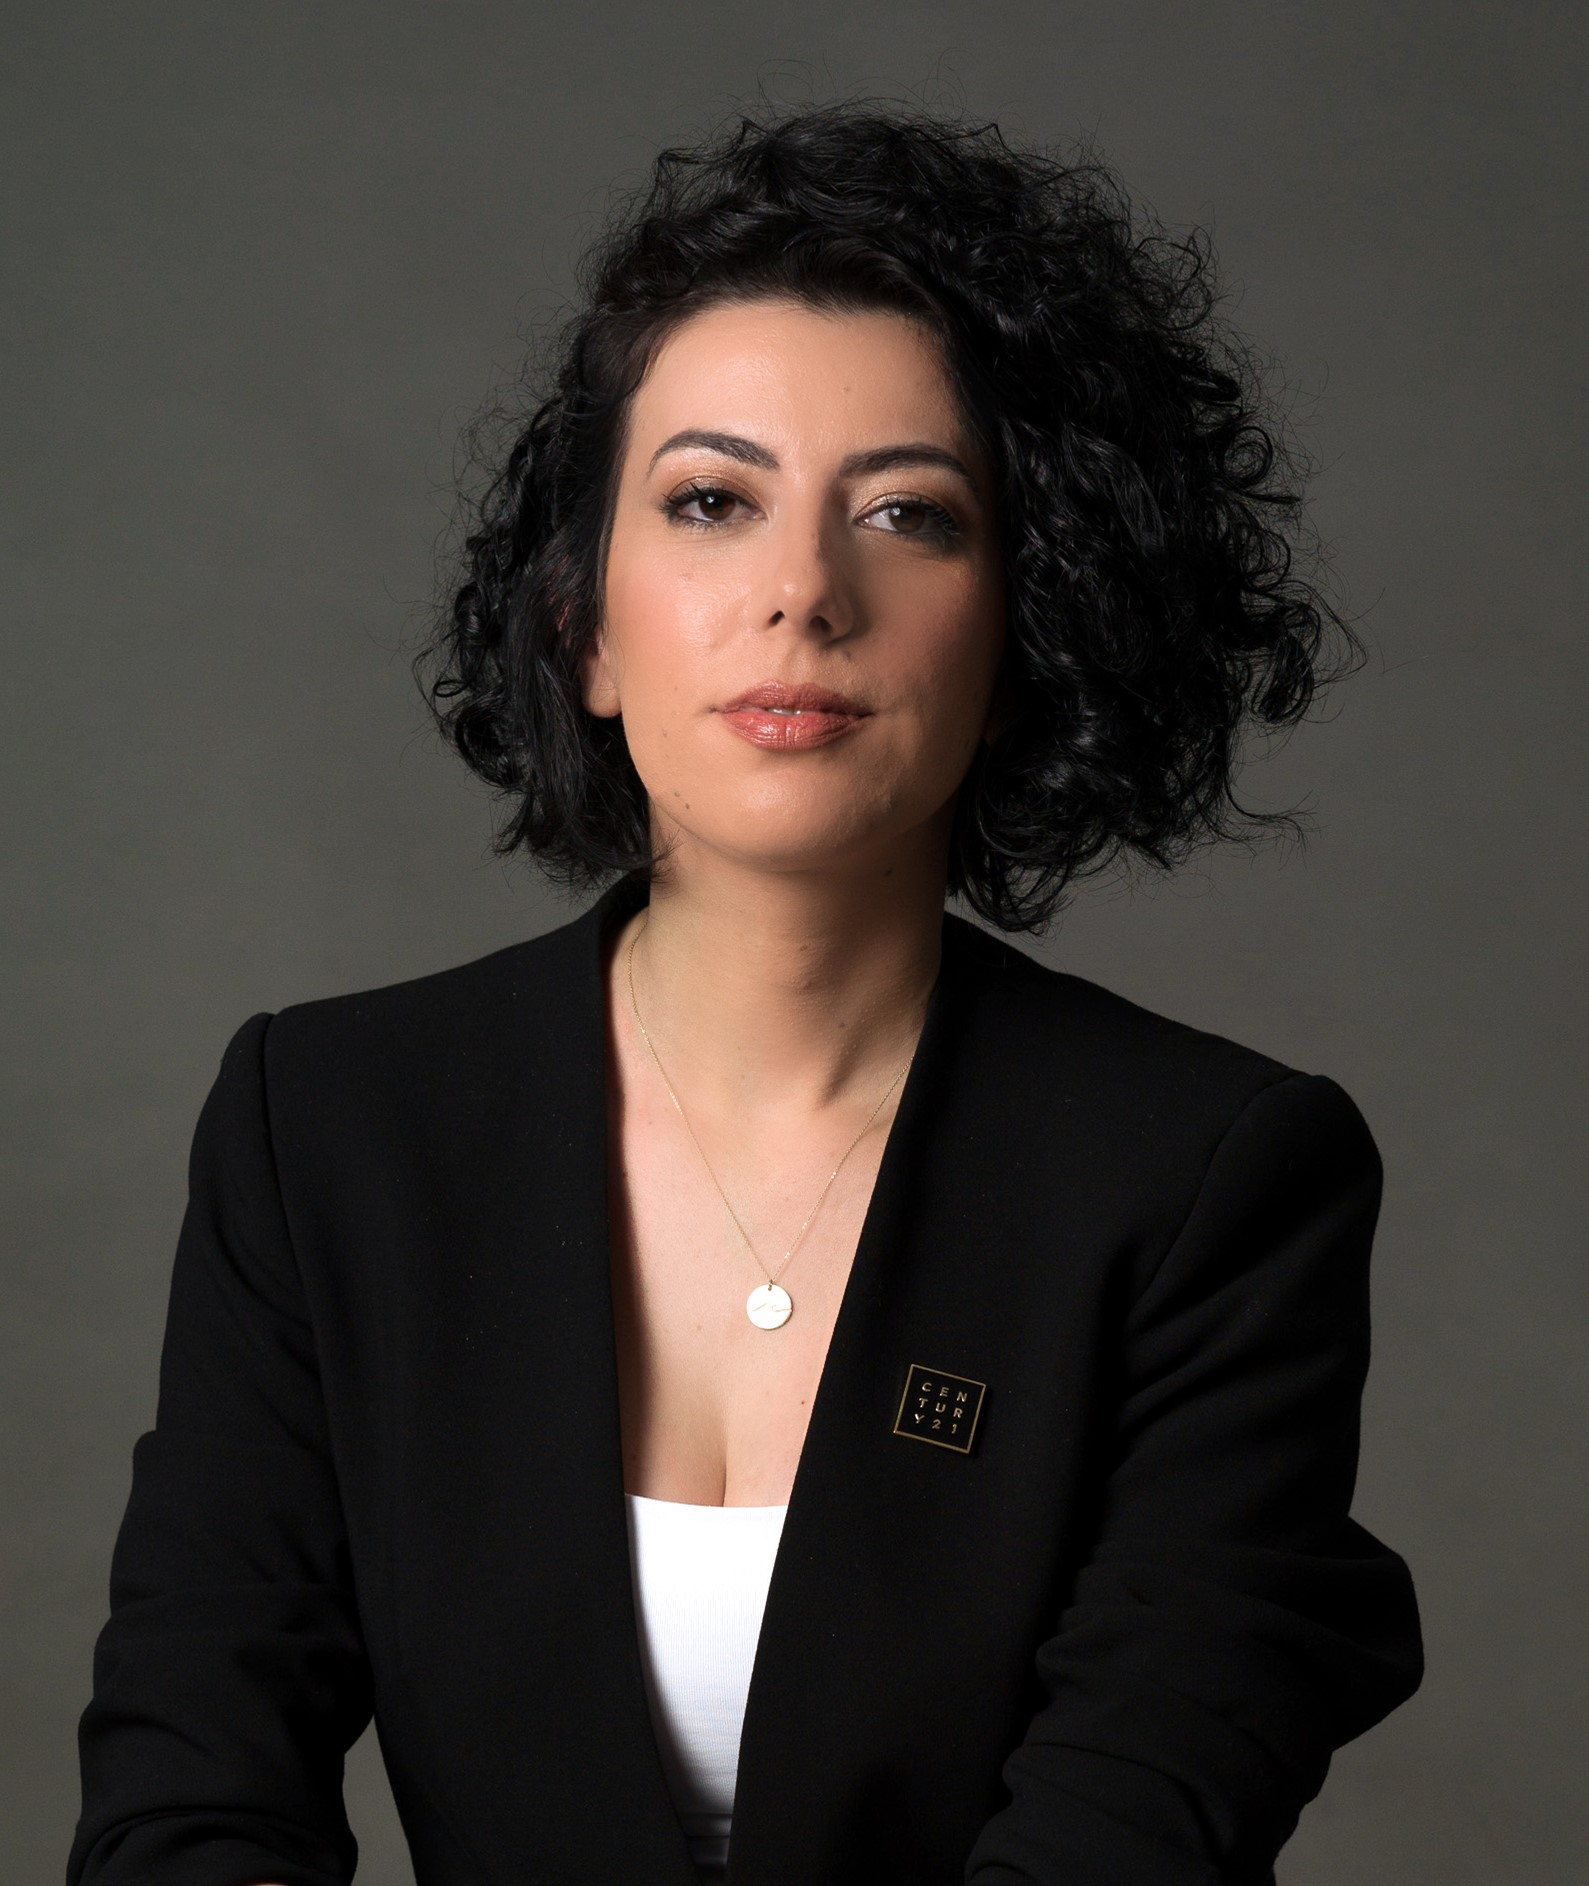 Alba Toska